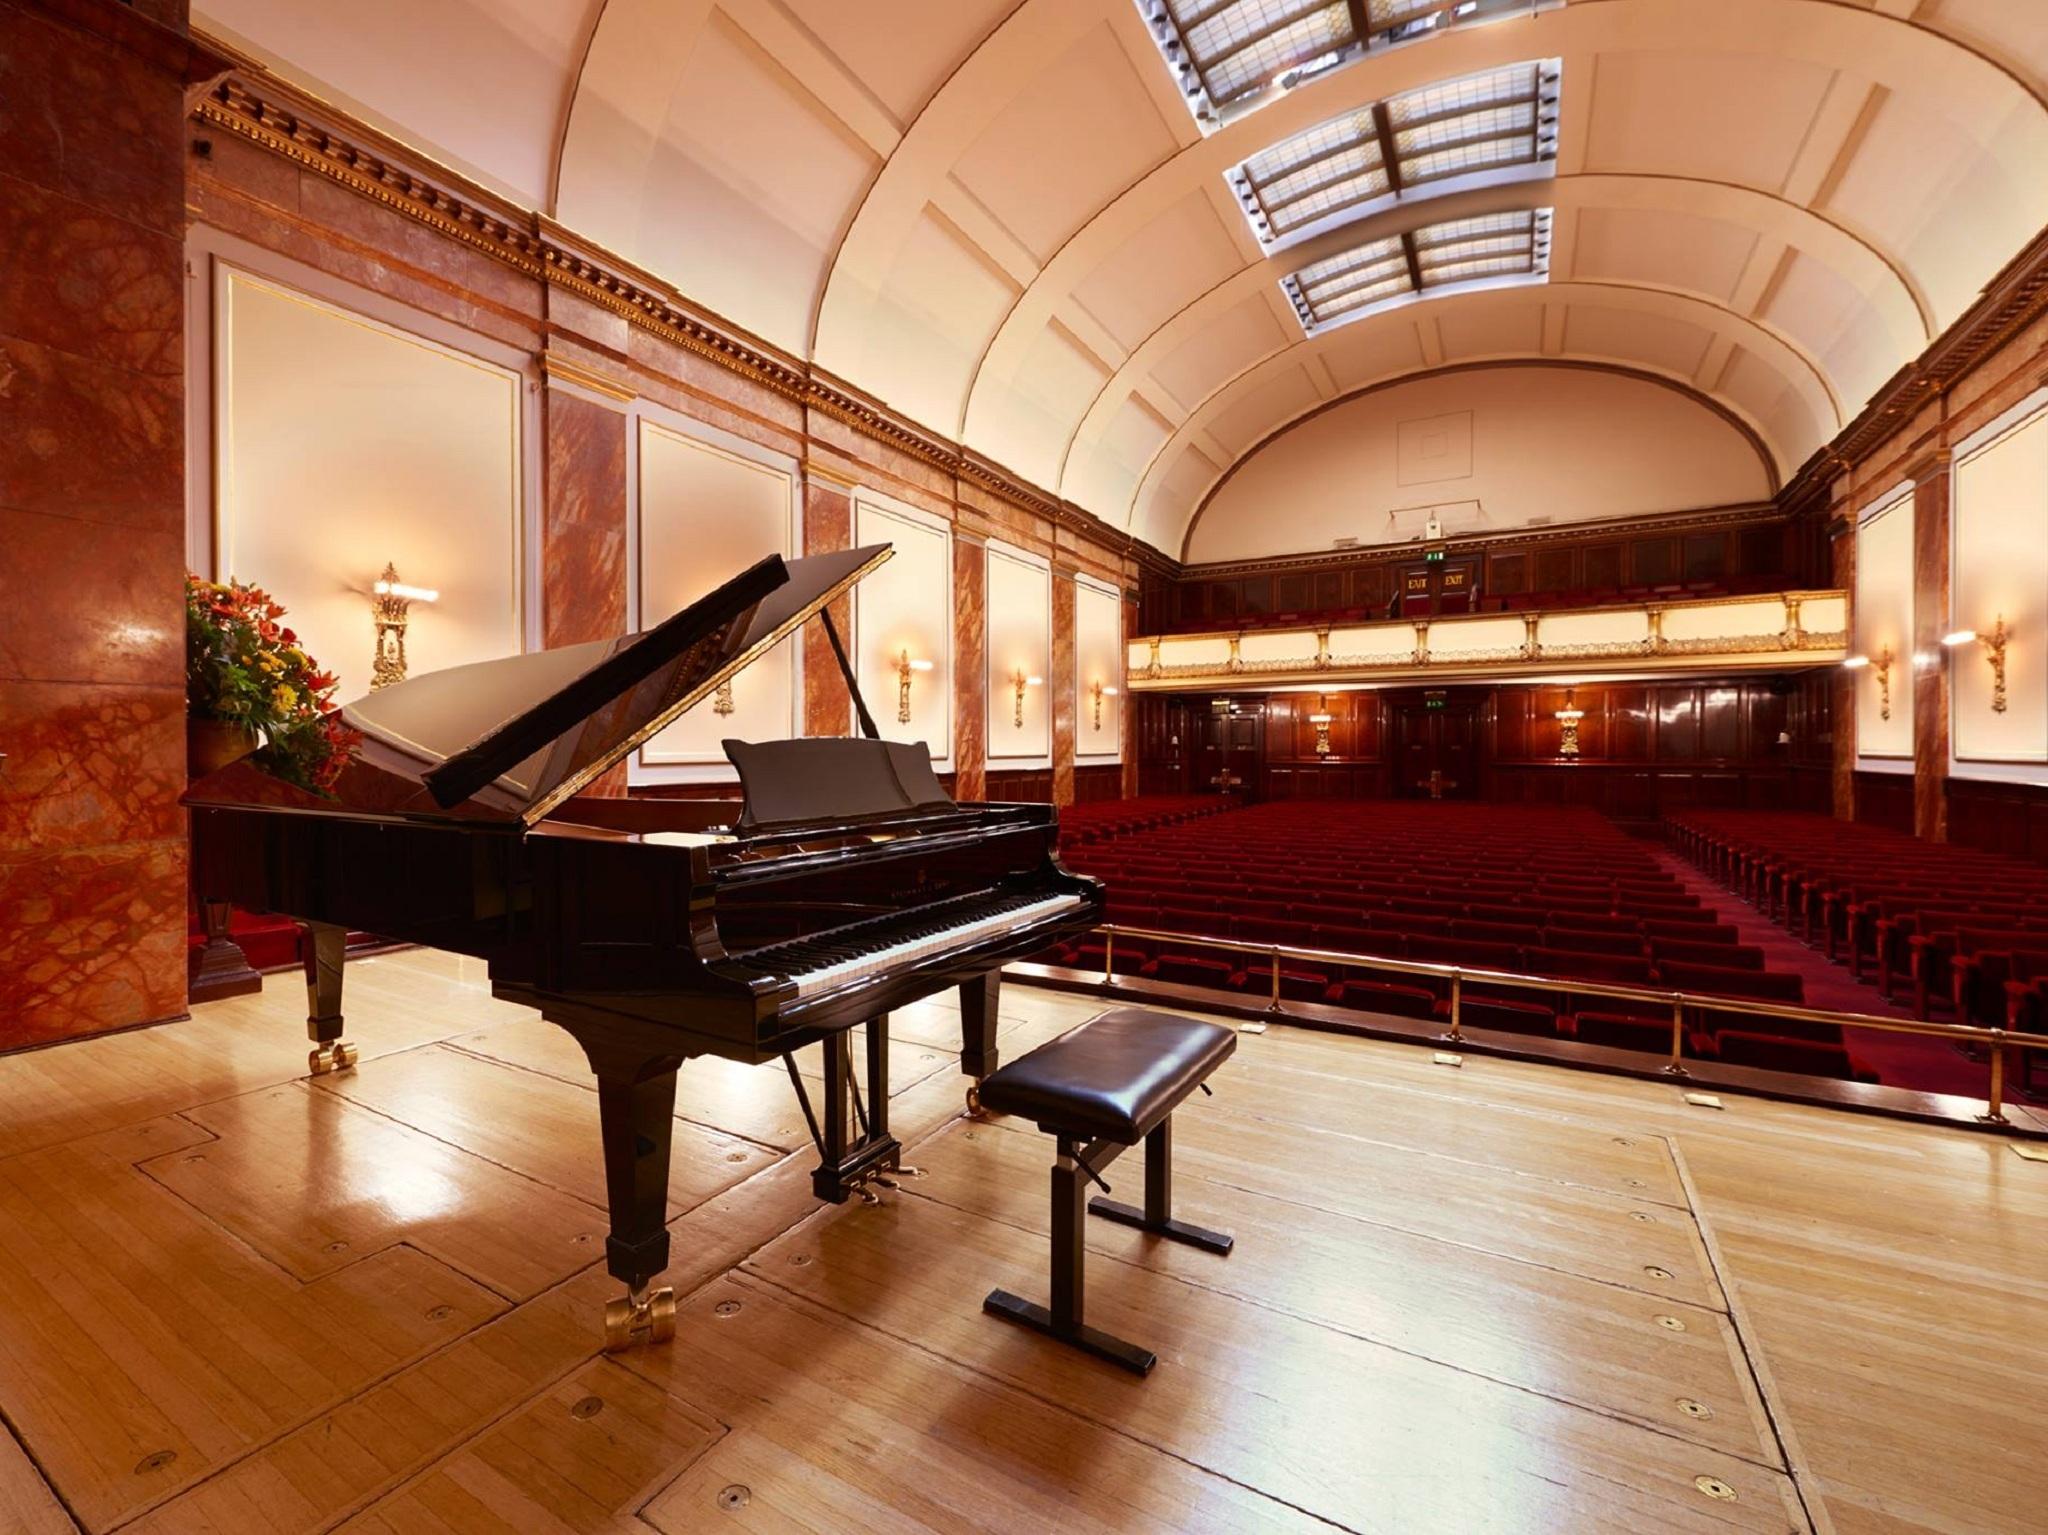 Sala de Espectáculos, Londres, Wigmore Hall